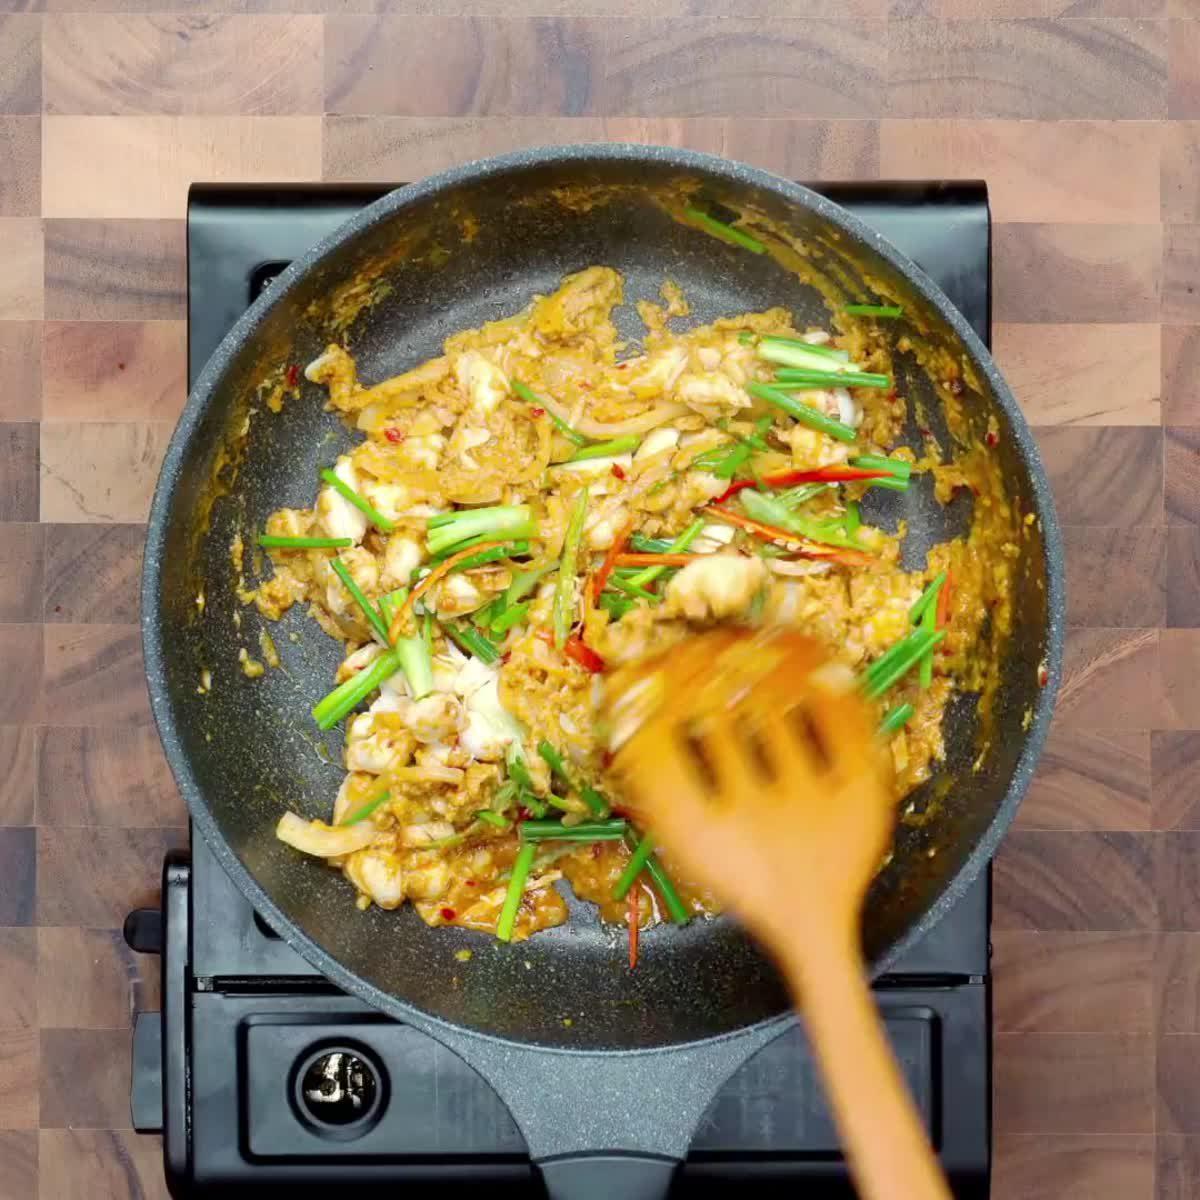 """วิธีทำ บะหมี่ราดปูผัดผงกะหรี่ กินข้าวกัน by """"แม่อ้อ"""""""